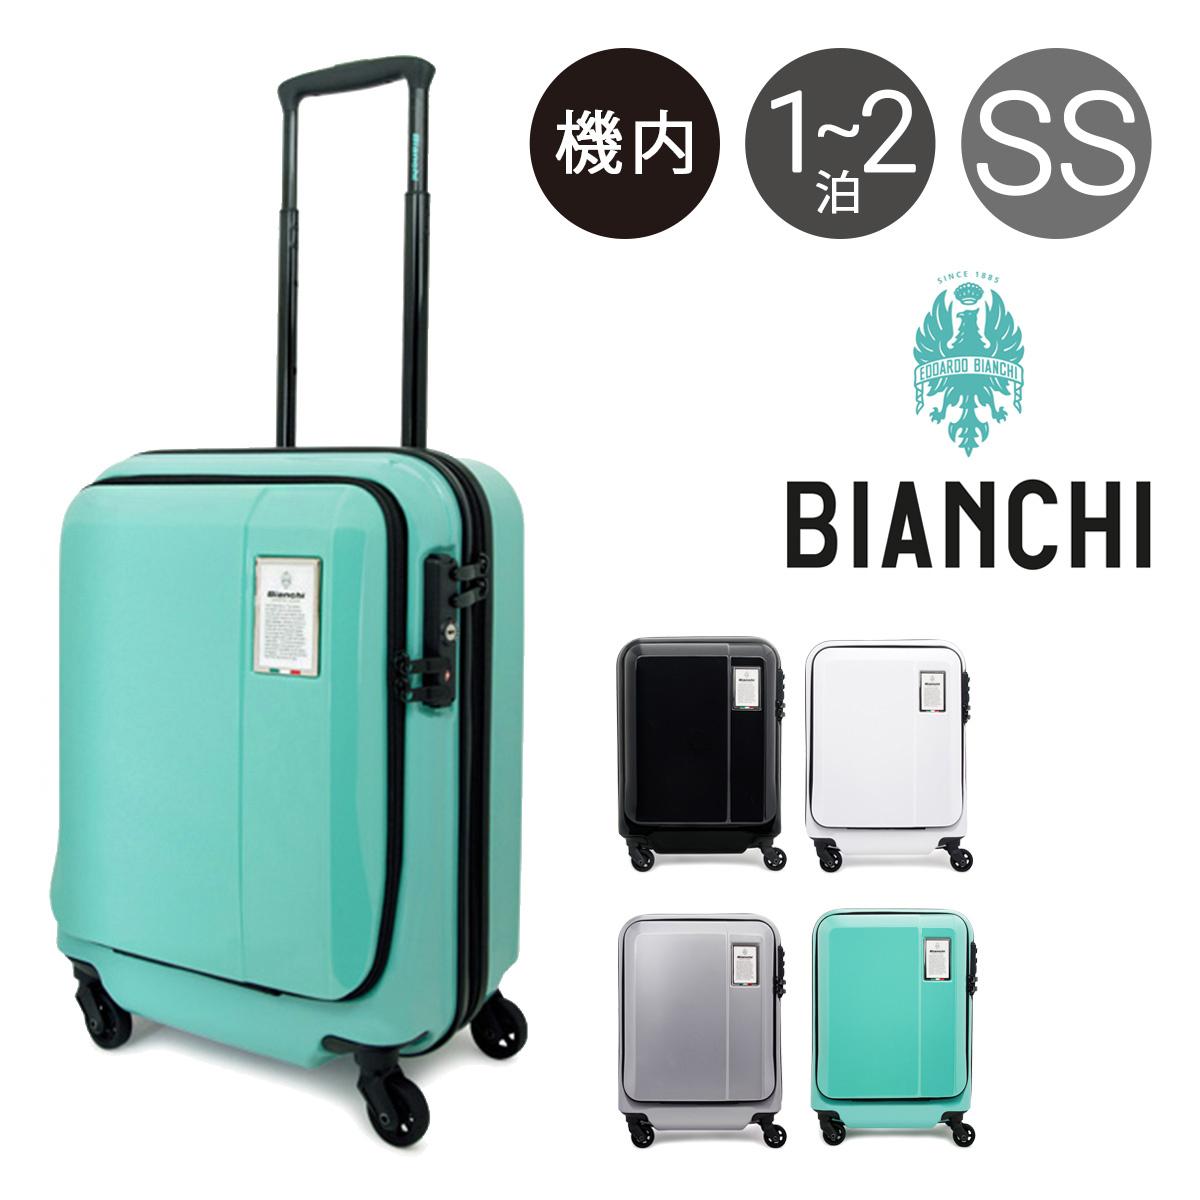 ビアンキ スーツケース 当社限定|機内持ち込み 32L 46cm 3kg BCHC-D1180|フロントオープン ハード ファスナー キャリーケース ビジネスキャリー [PO5][bef][即日発送]